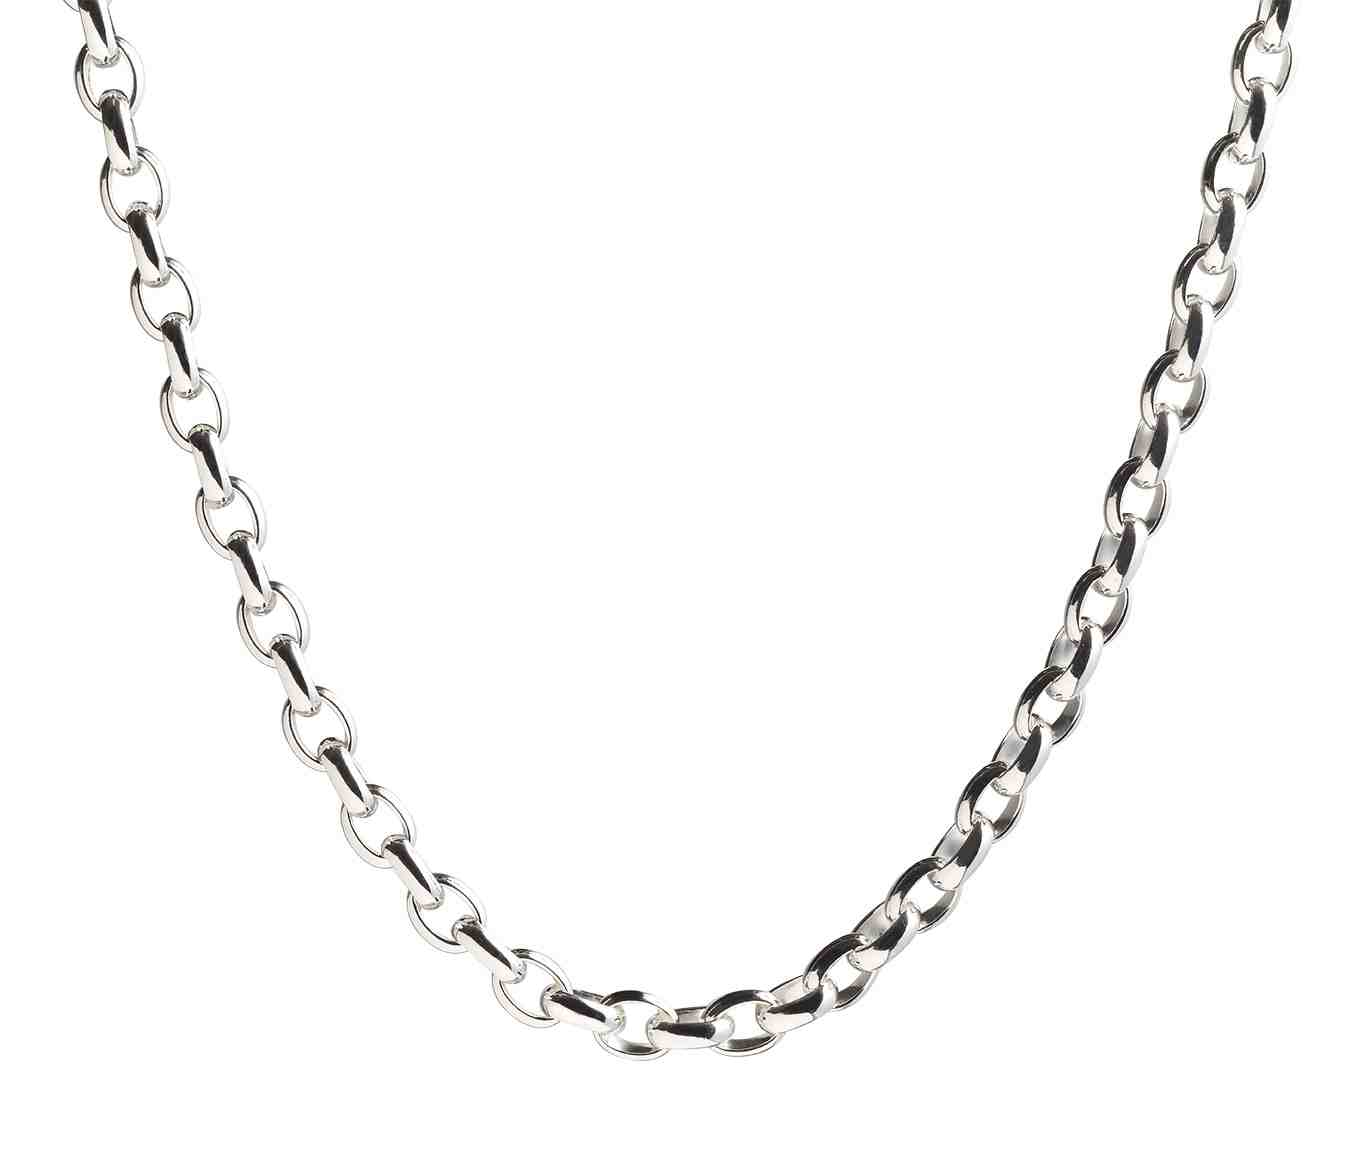 LOLA chain